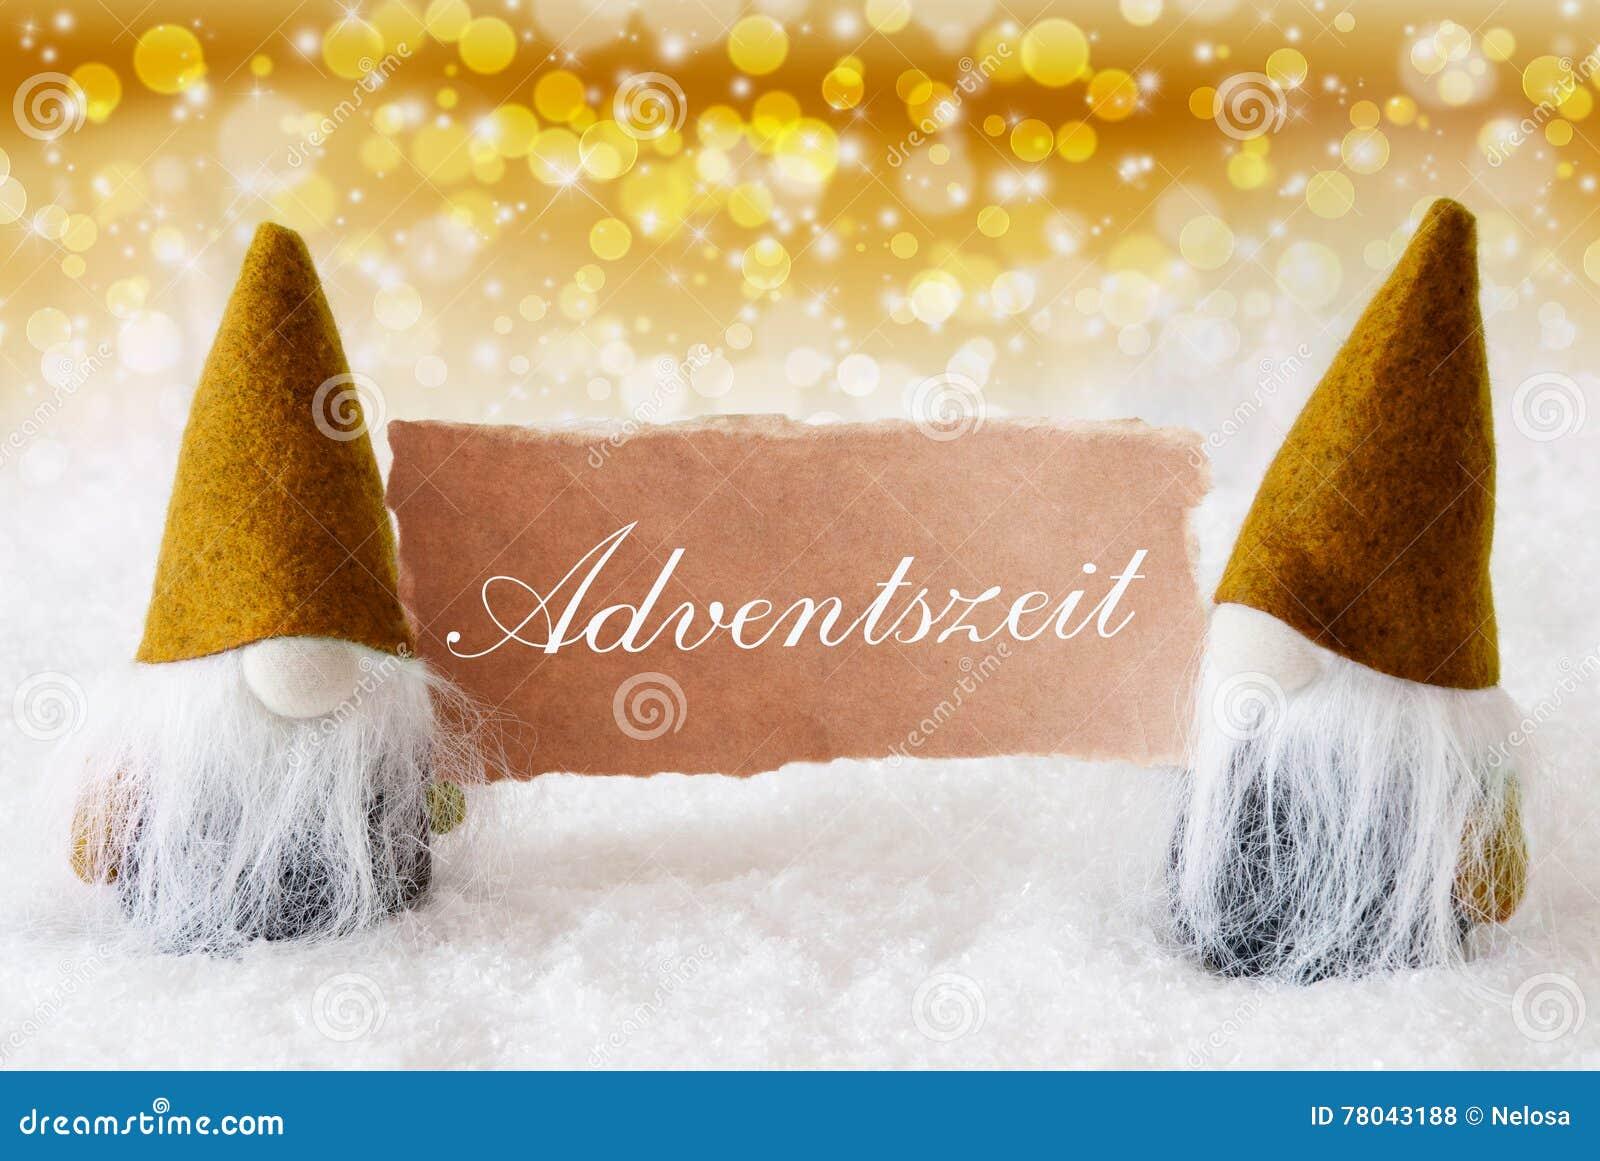 goldene gnomen mit karte adventszeit bedeutet advent. Black Bedroom Furniture Sets. Home Design Ideas